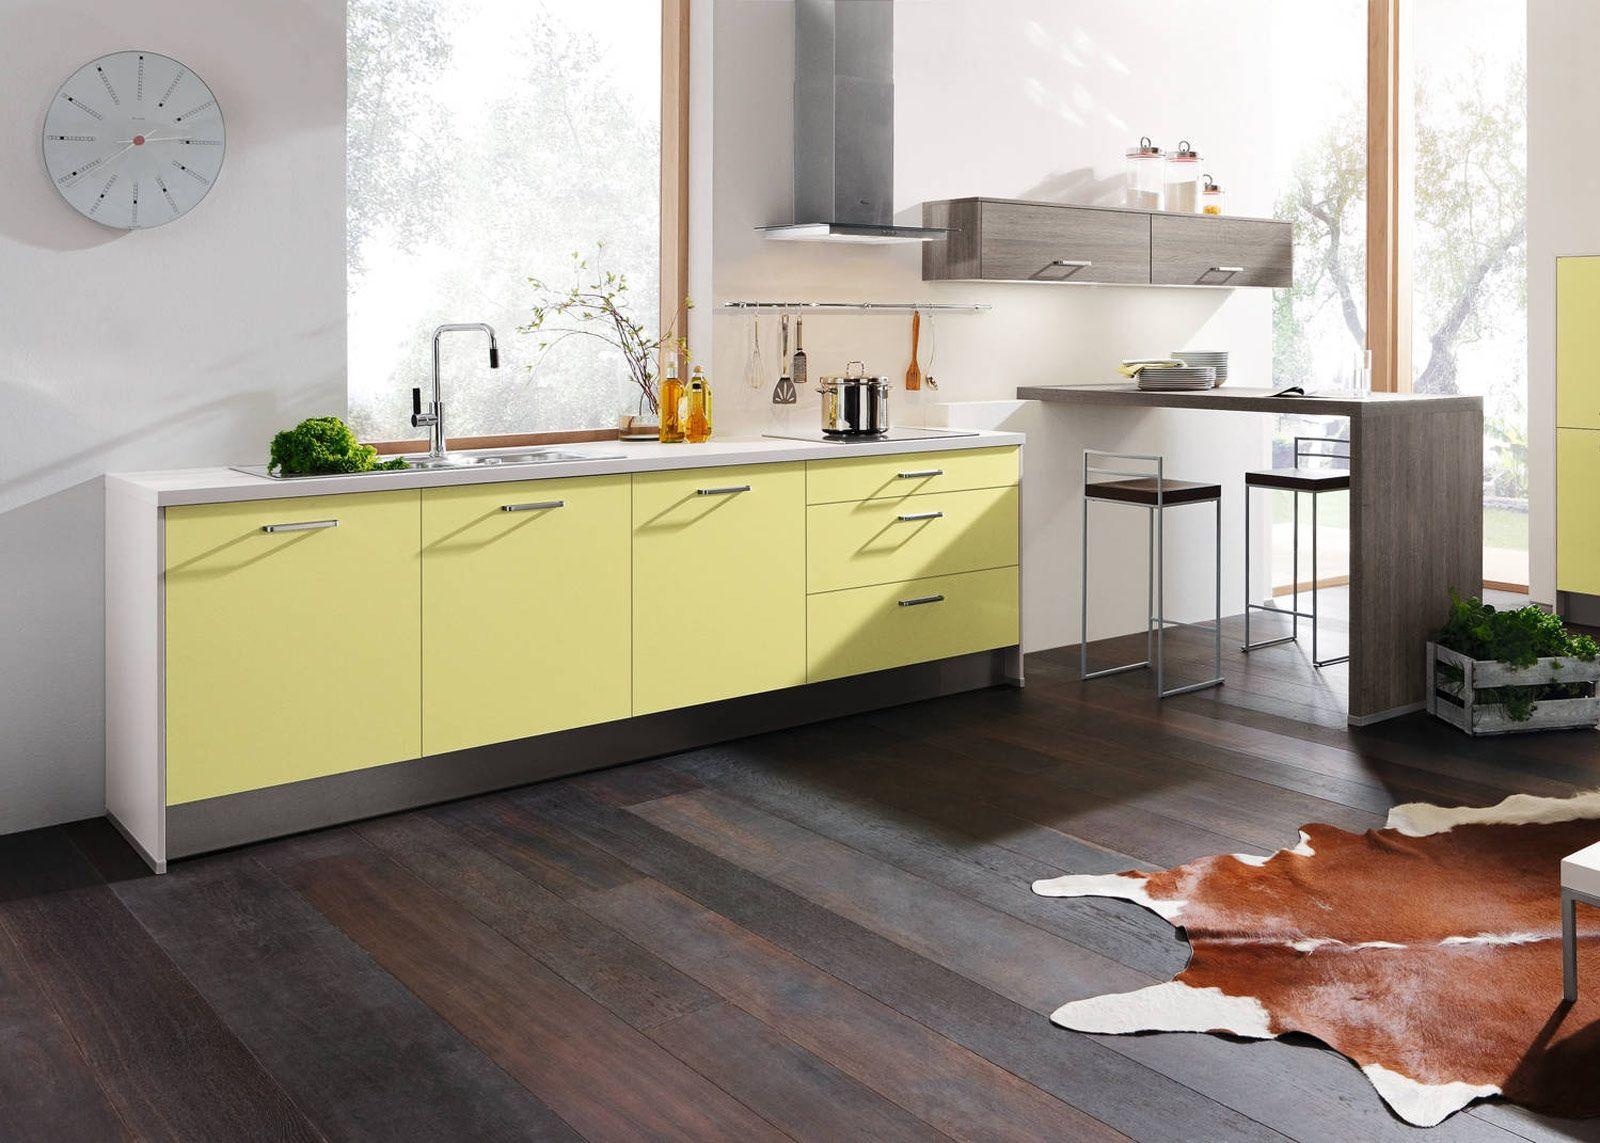 Küchenzeile Einfach ~ küchenzeile einfach acjsilva com